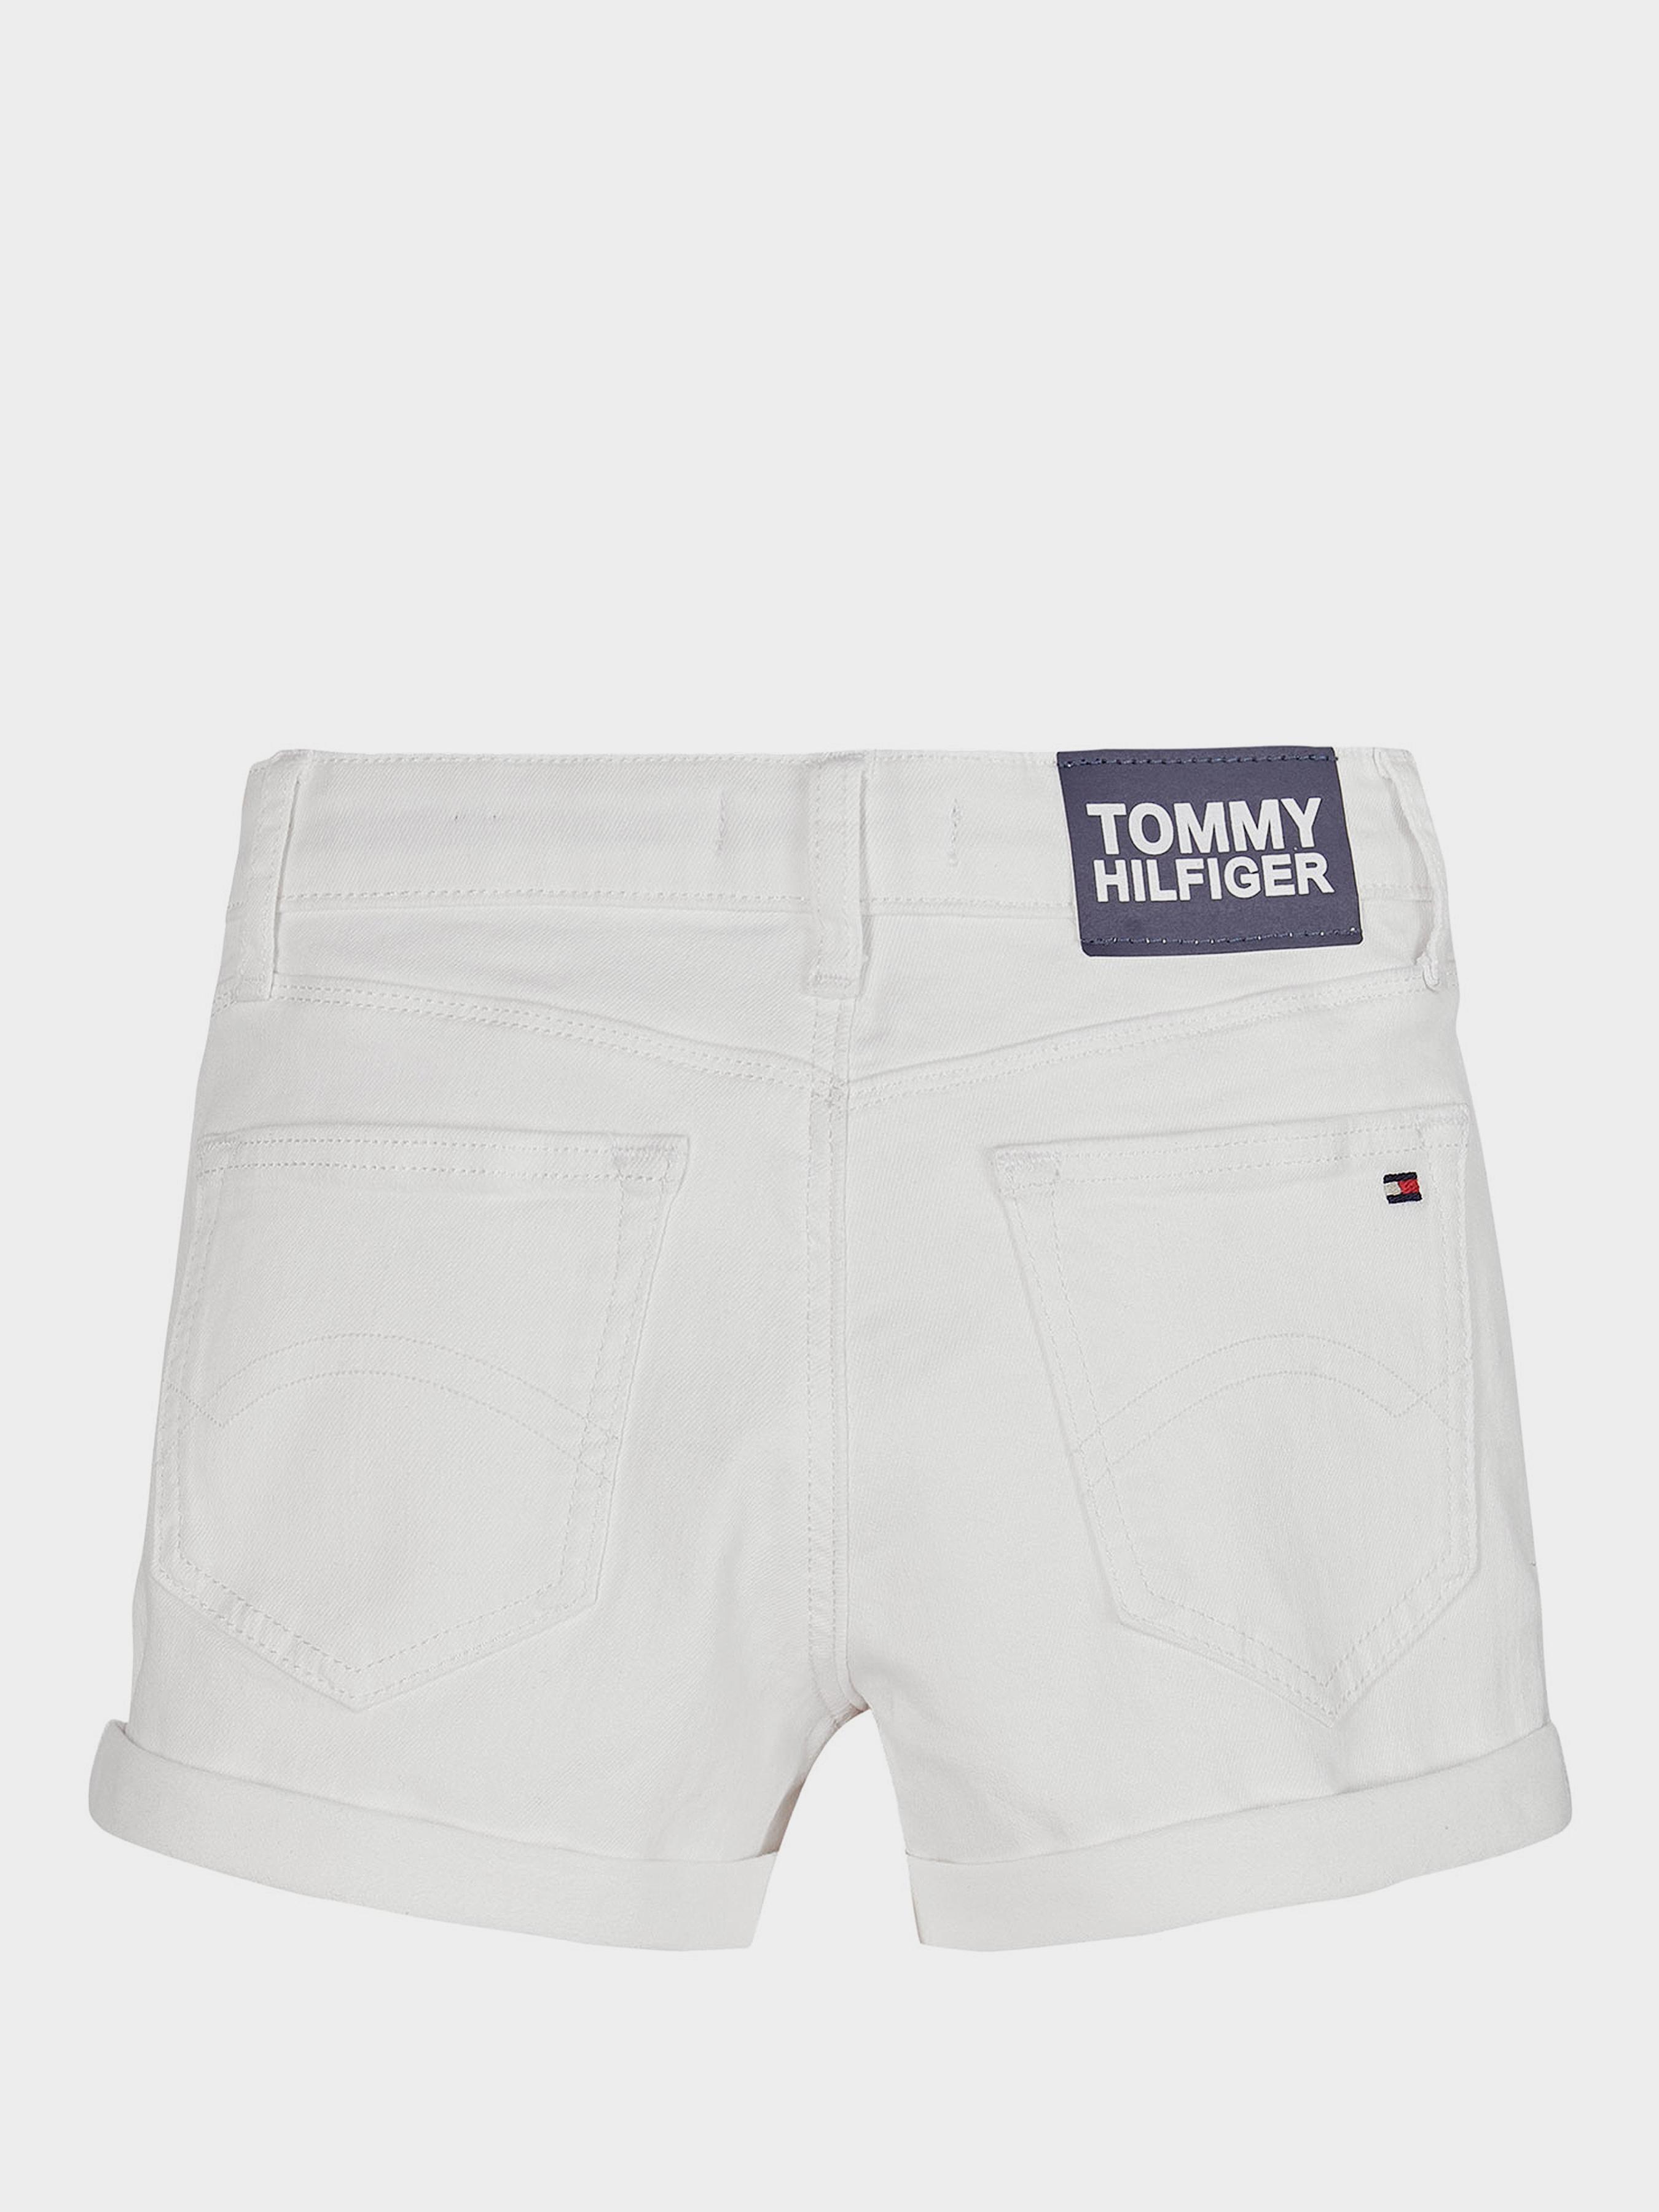 Шорти Tommy Hilfiger KG0KG05001-YBR